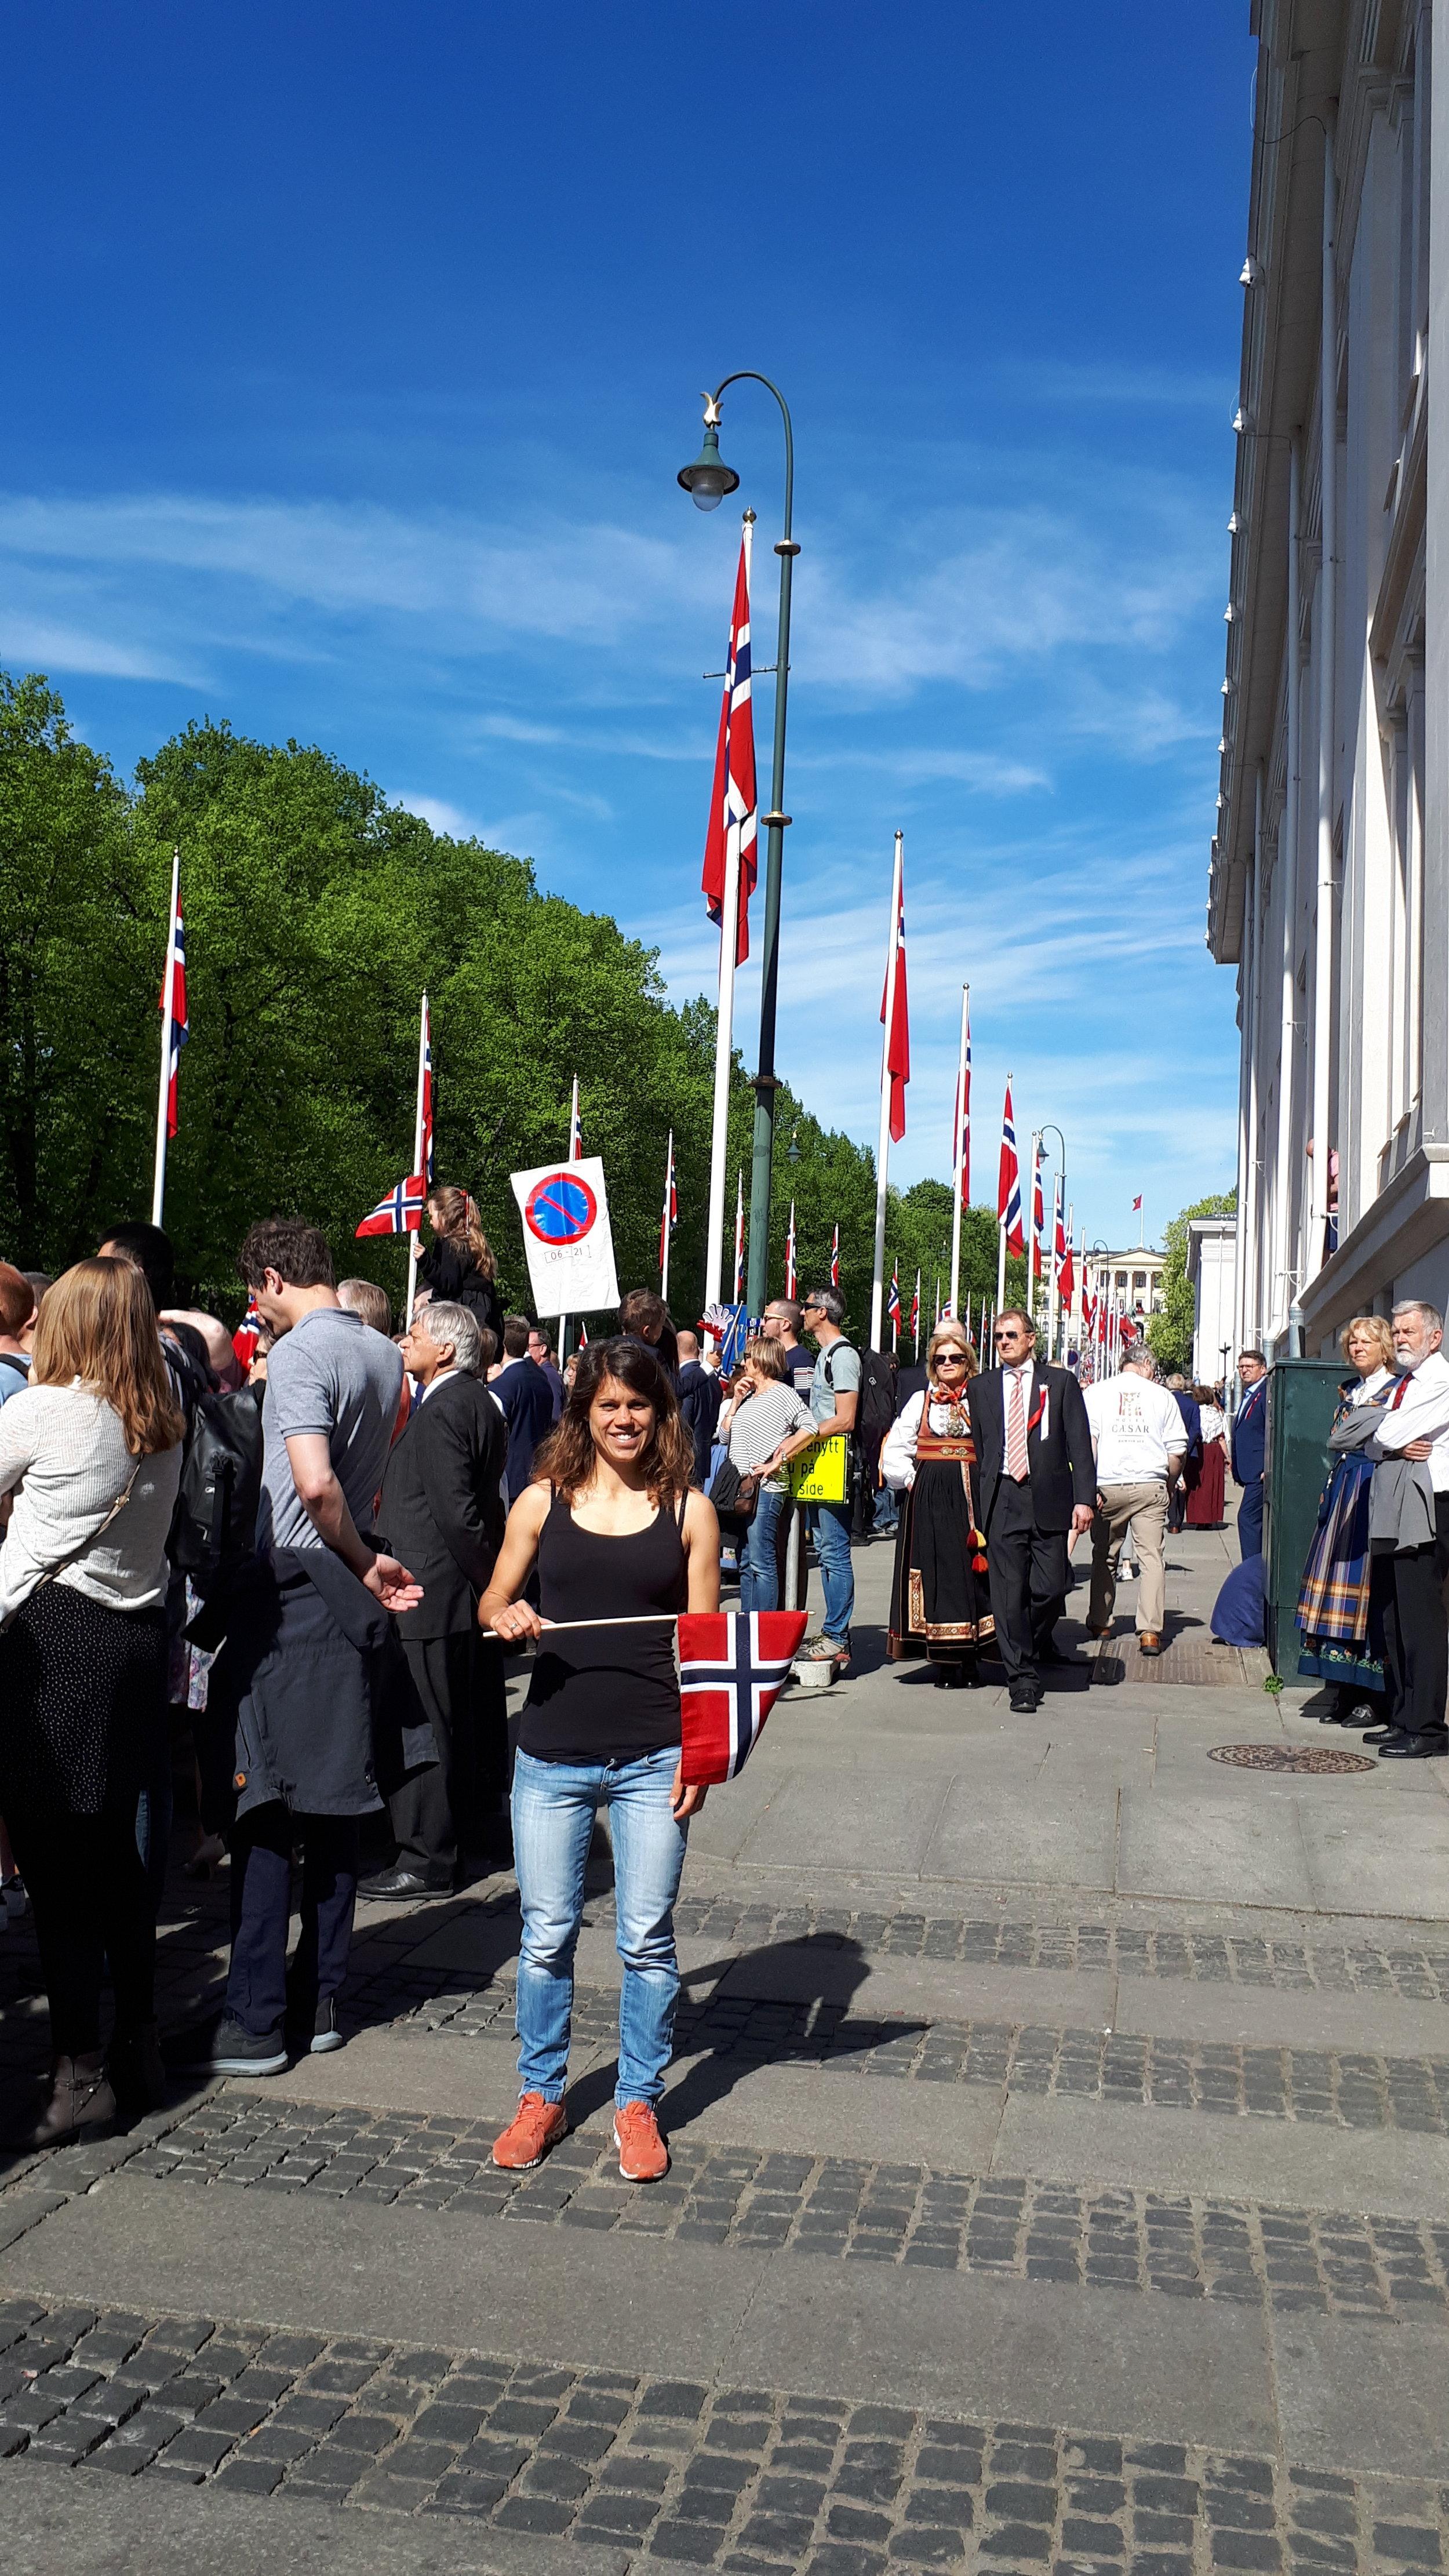 La festa nazionale a Oslo. Foto: Lisa Tacchelli